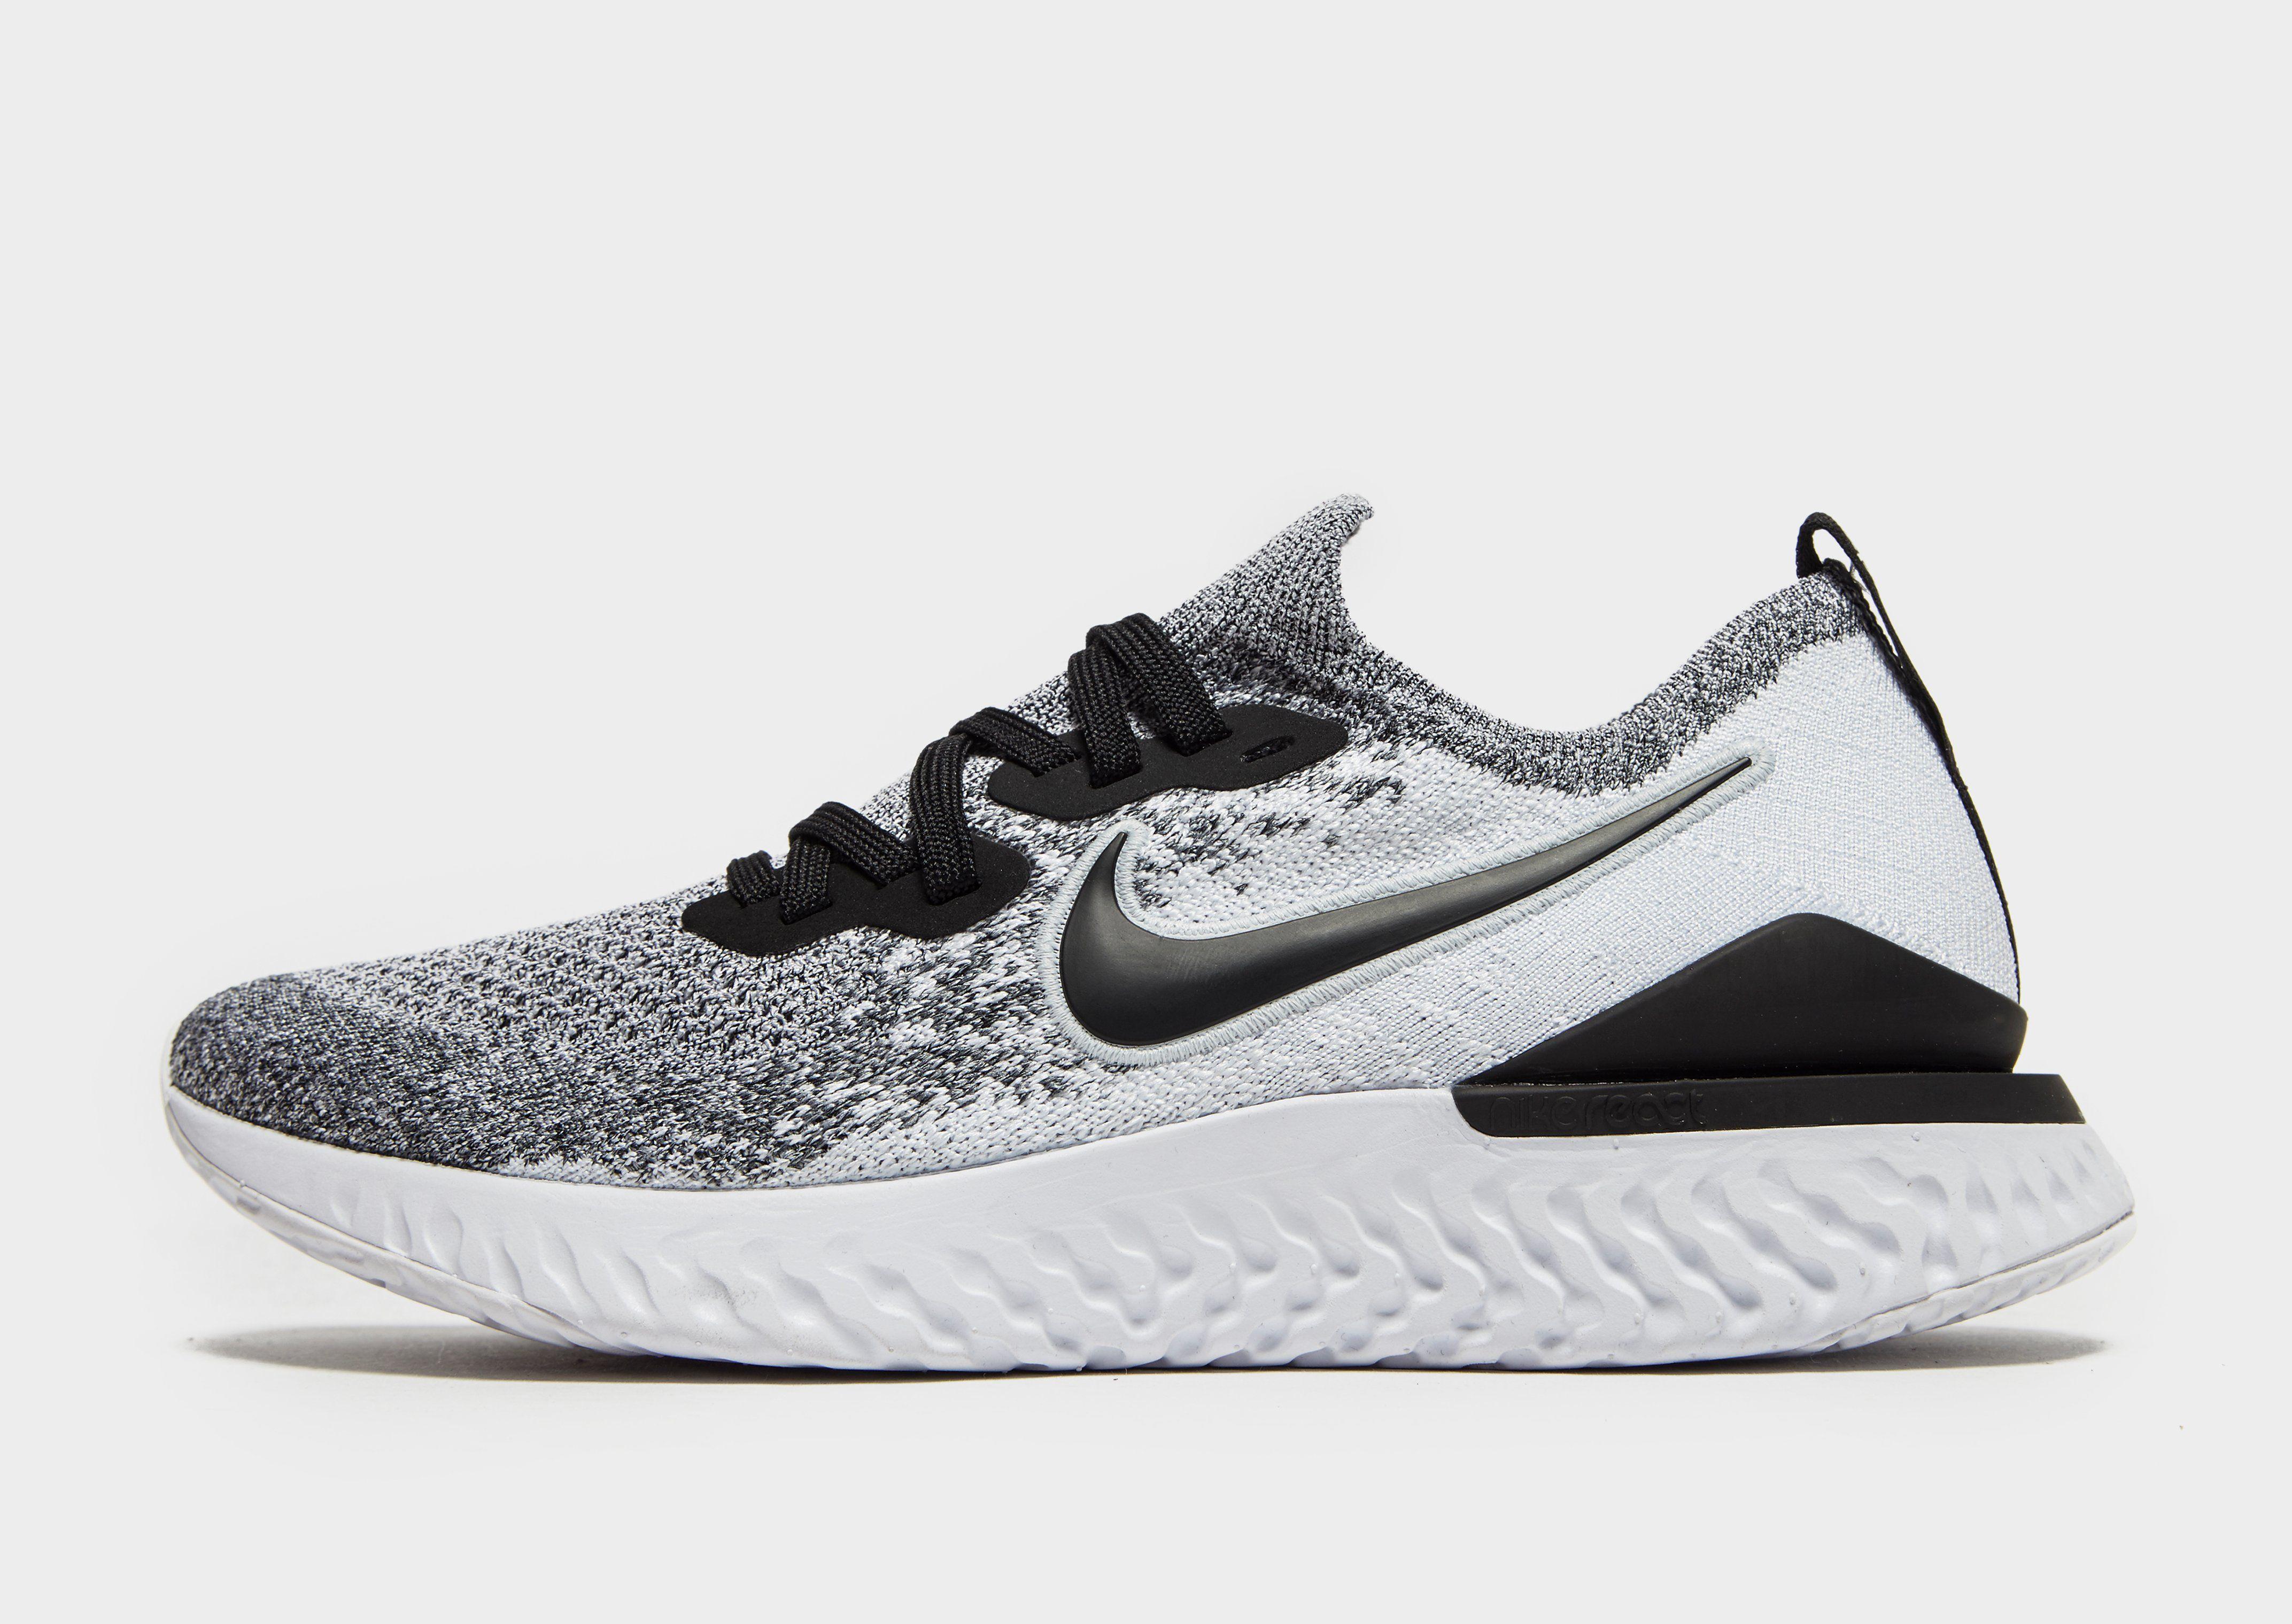 90e563ffaeb7 Nike Nike Epic React Flyknit 2 Women's Running Shoe | JD Sports